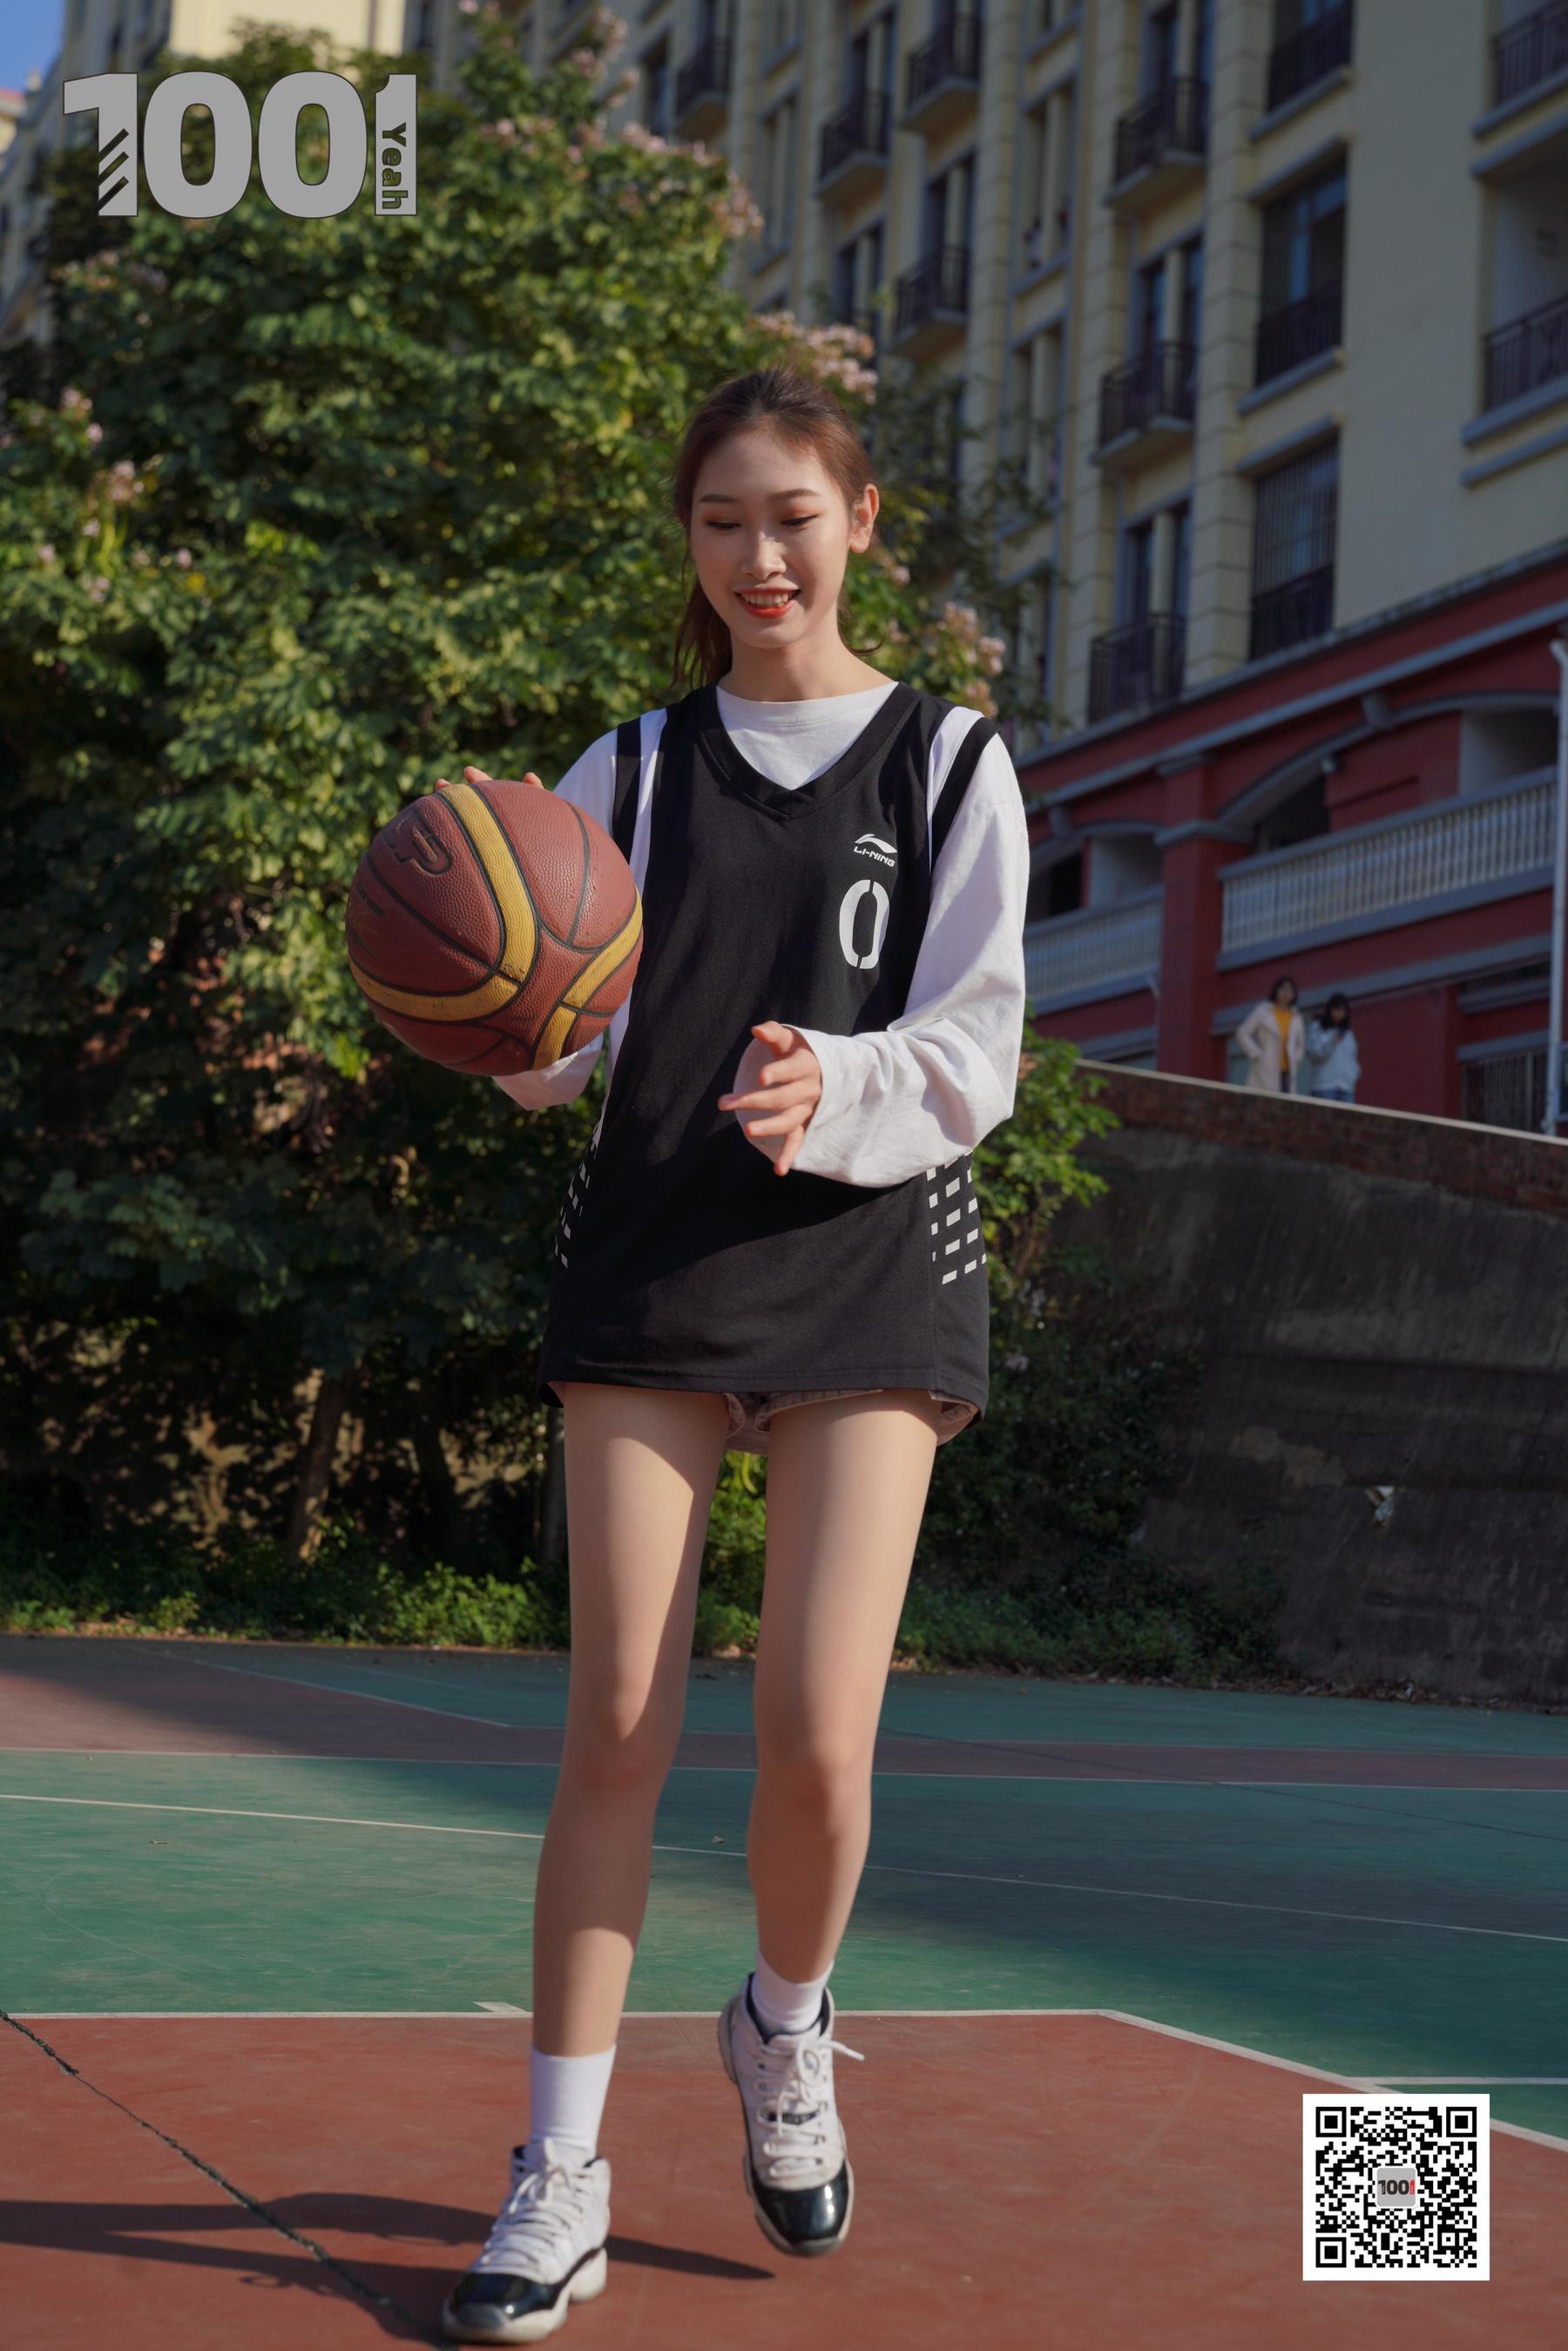 图片[12] - [IESS一千零一夜] 模特草莓《陪女朋友打篮球2》 丝袜美腿写真集[90P] - 唯独你没懂